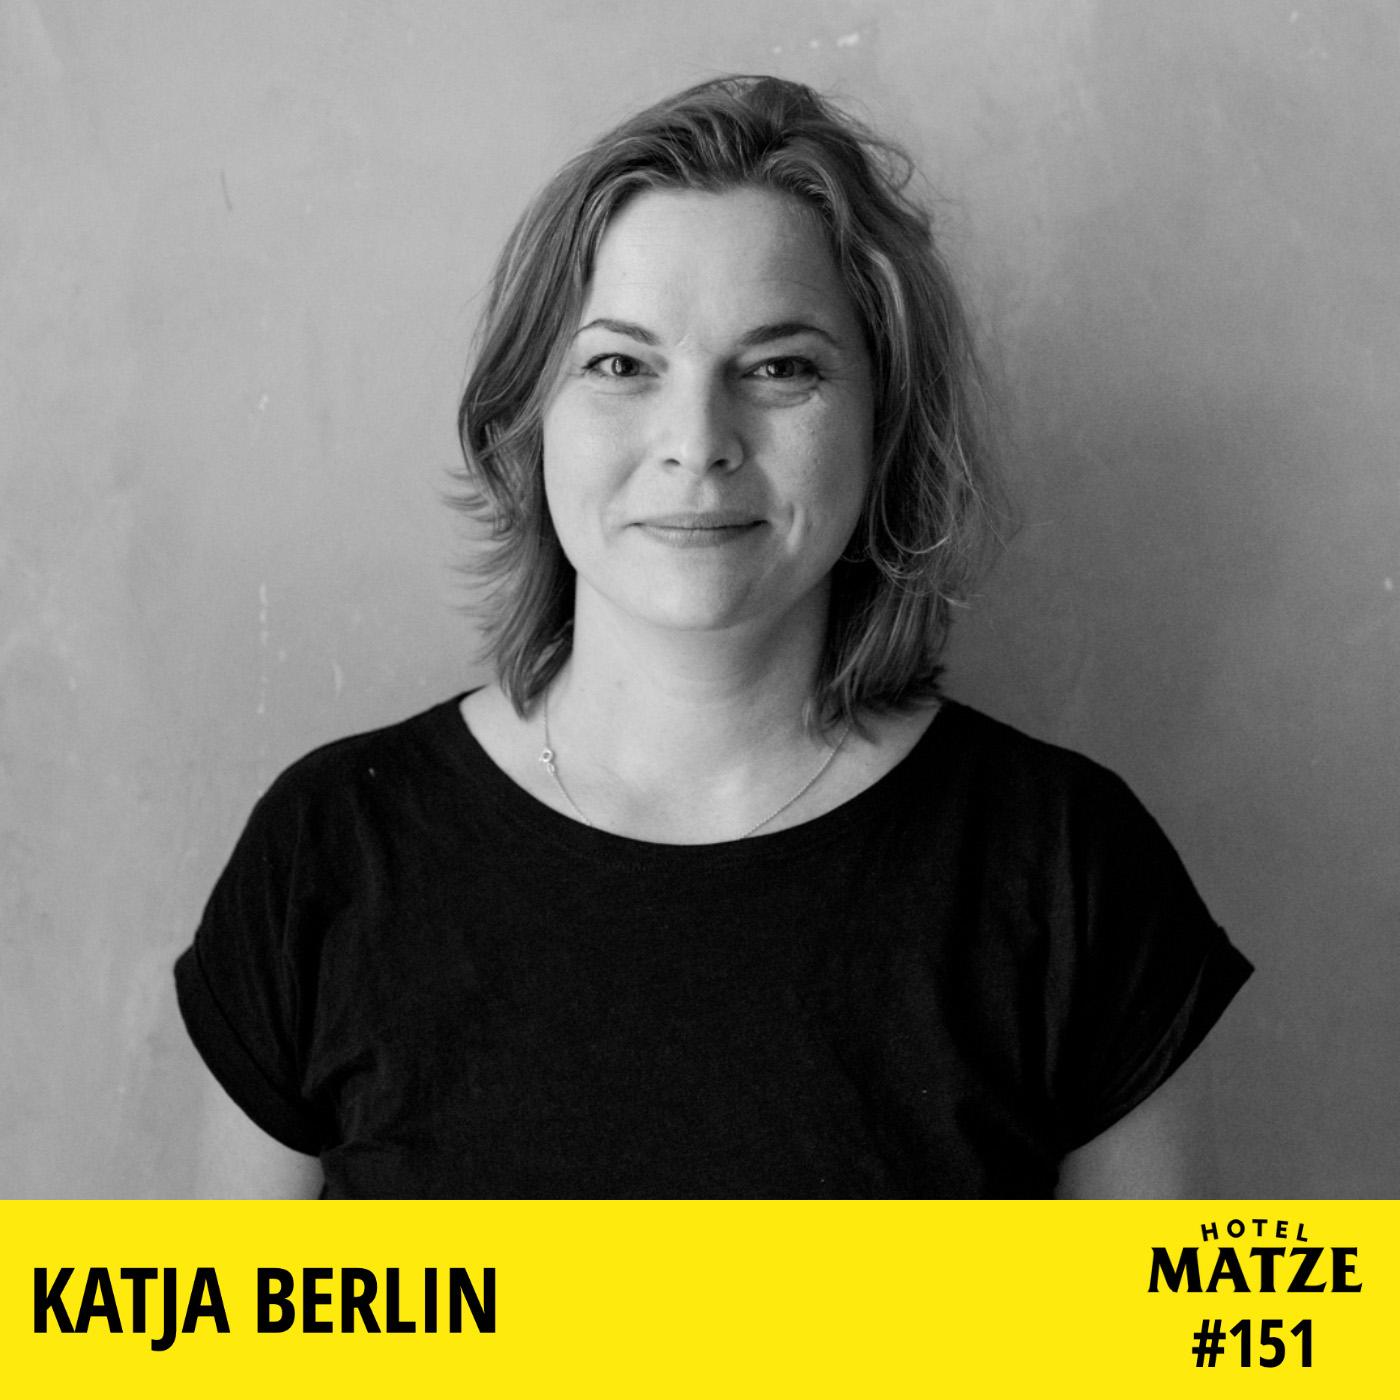 Katja Berlin – Warum nimmt man Humor nicht ernst?